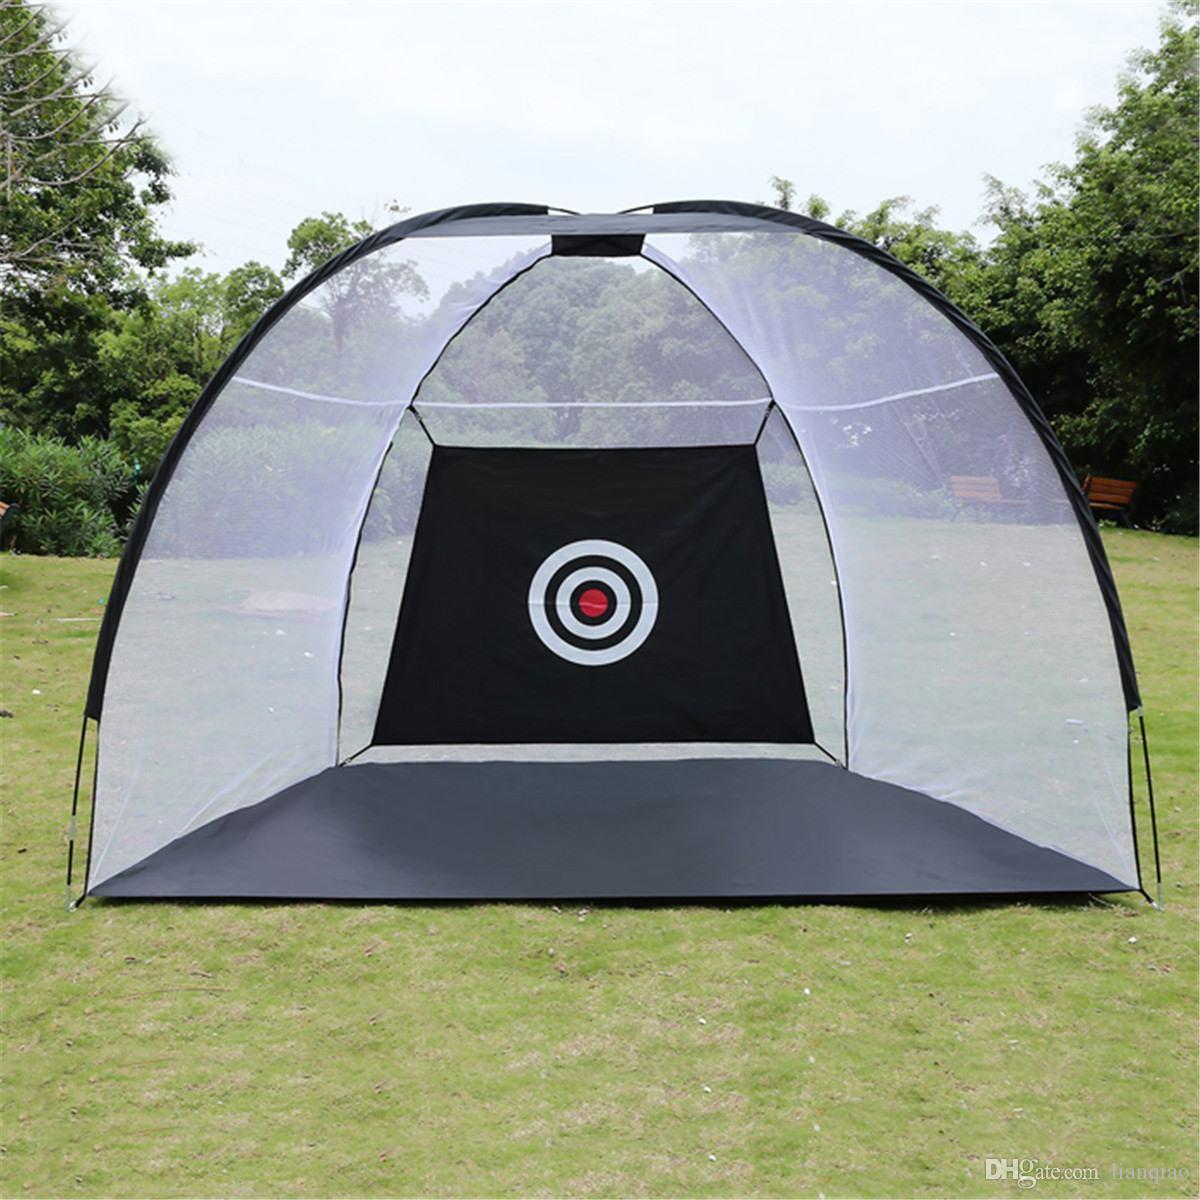 2020 نمط جديد من التدريب على الغولف الأسود أديس قابل للطي ضرب حديقة قفص حديقة عشبية تدريب الجولف